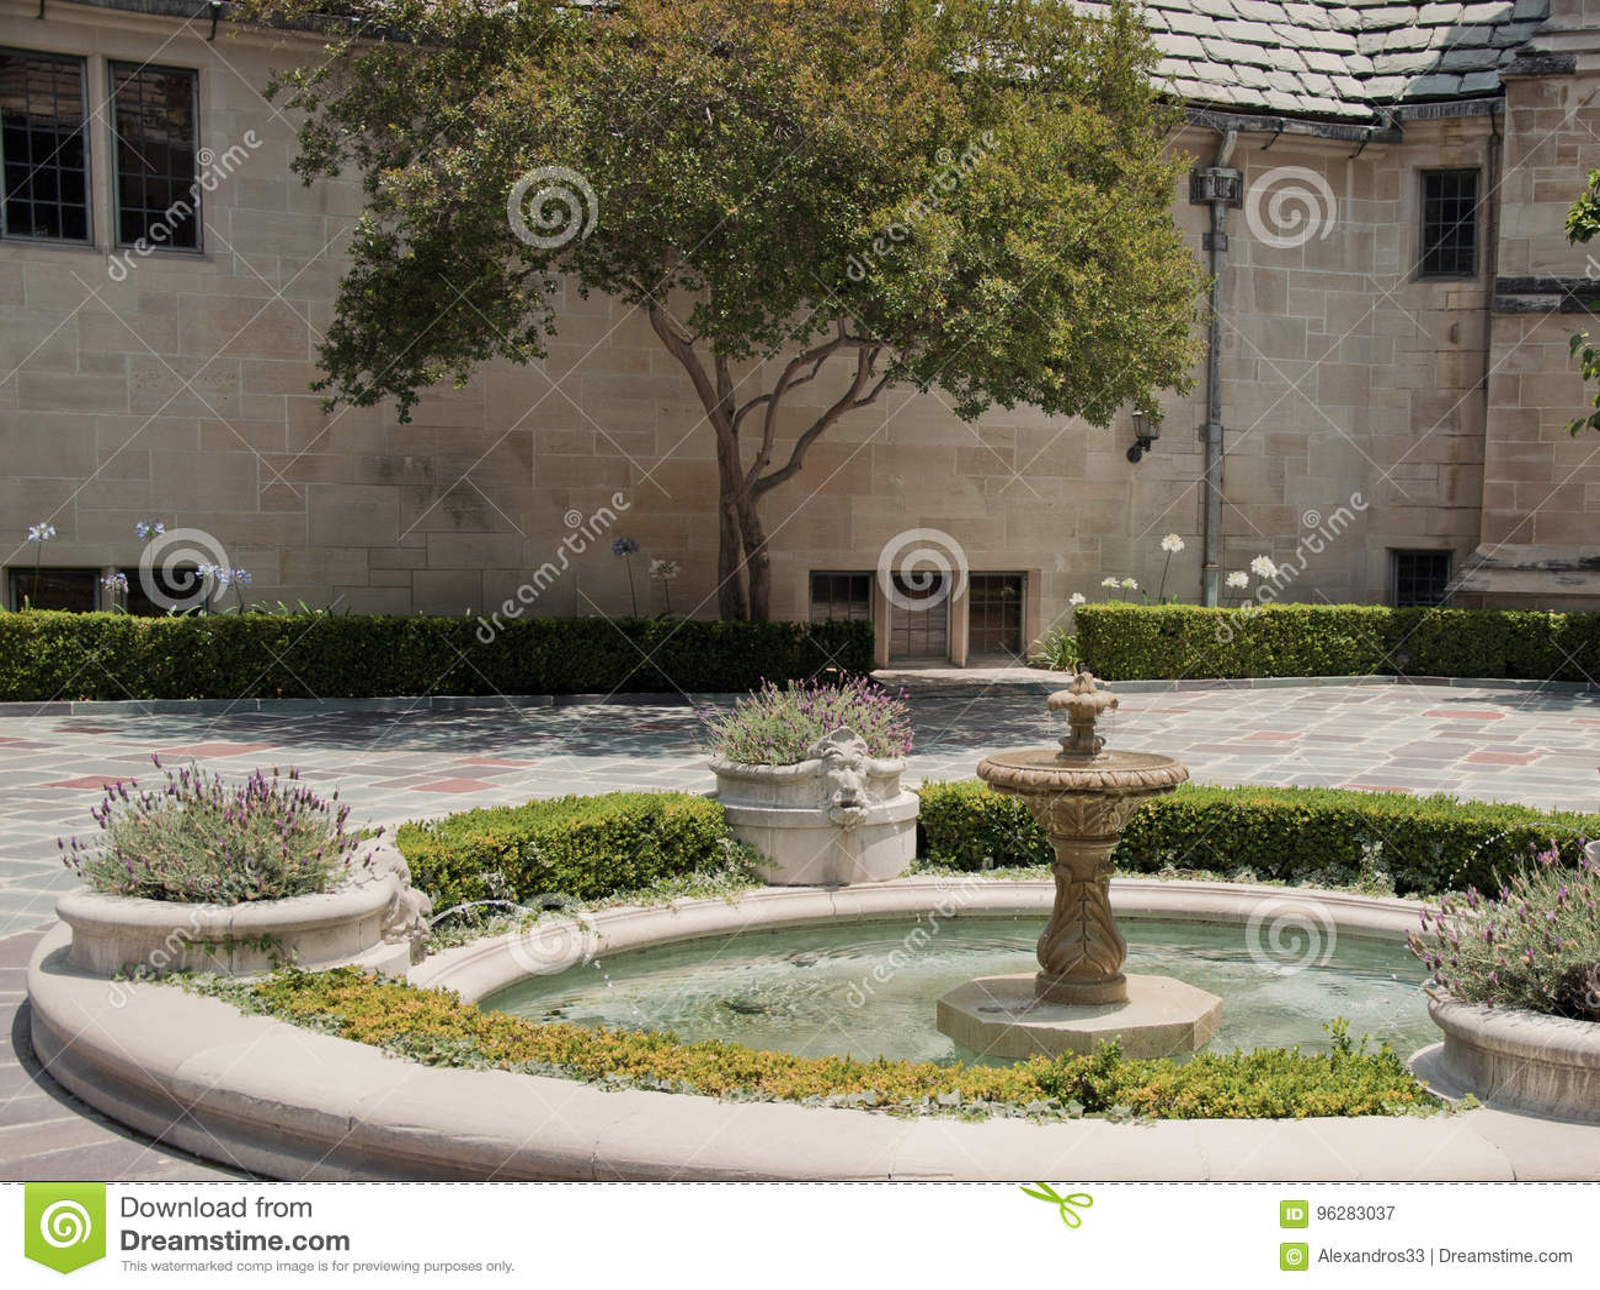 Maison En Pierre Avec Le Beau Jardin Ensoleille Image Stock Image